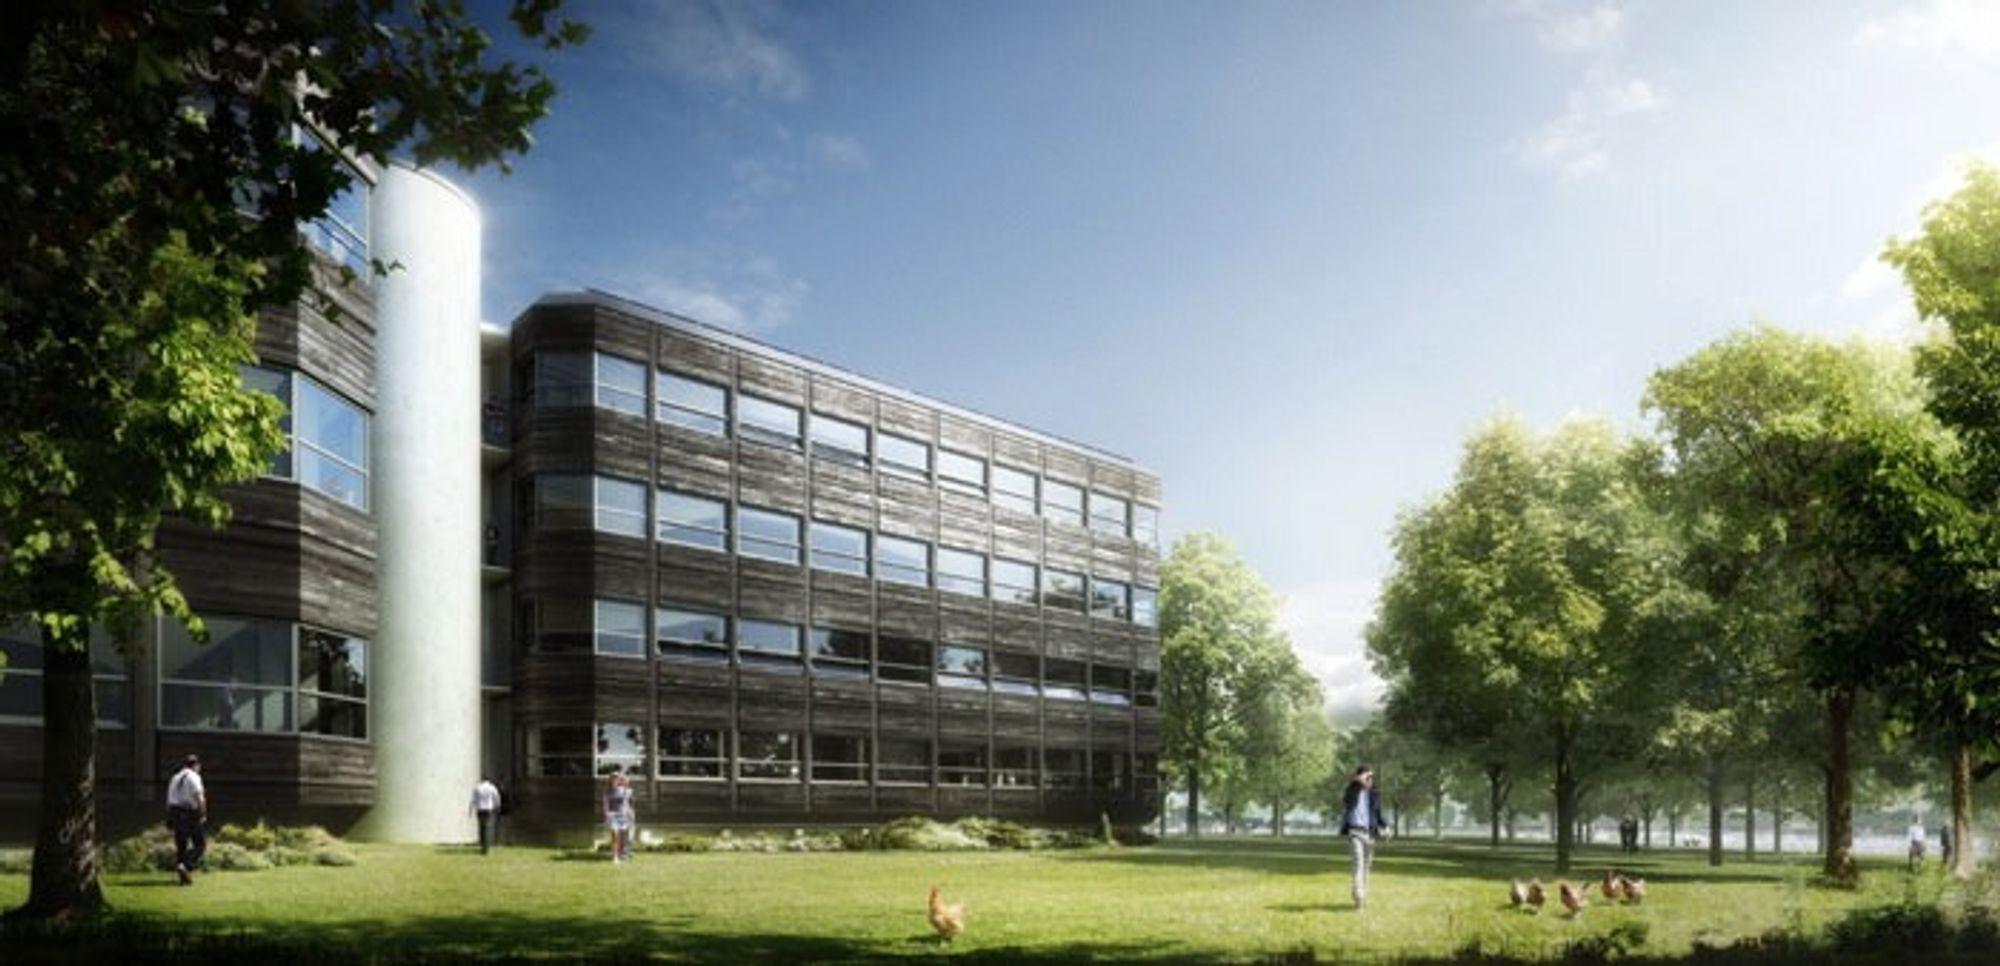 Fra energisluk til plusshus: Dette kontorbygget i Bærum har vært gjennom den mest omfattende rehabilitering noe norsk næringsbygg har vært utsatt for. Målet er at bygget skal produsere mer energi enn det bruker.